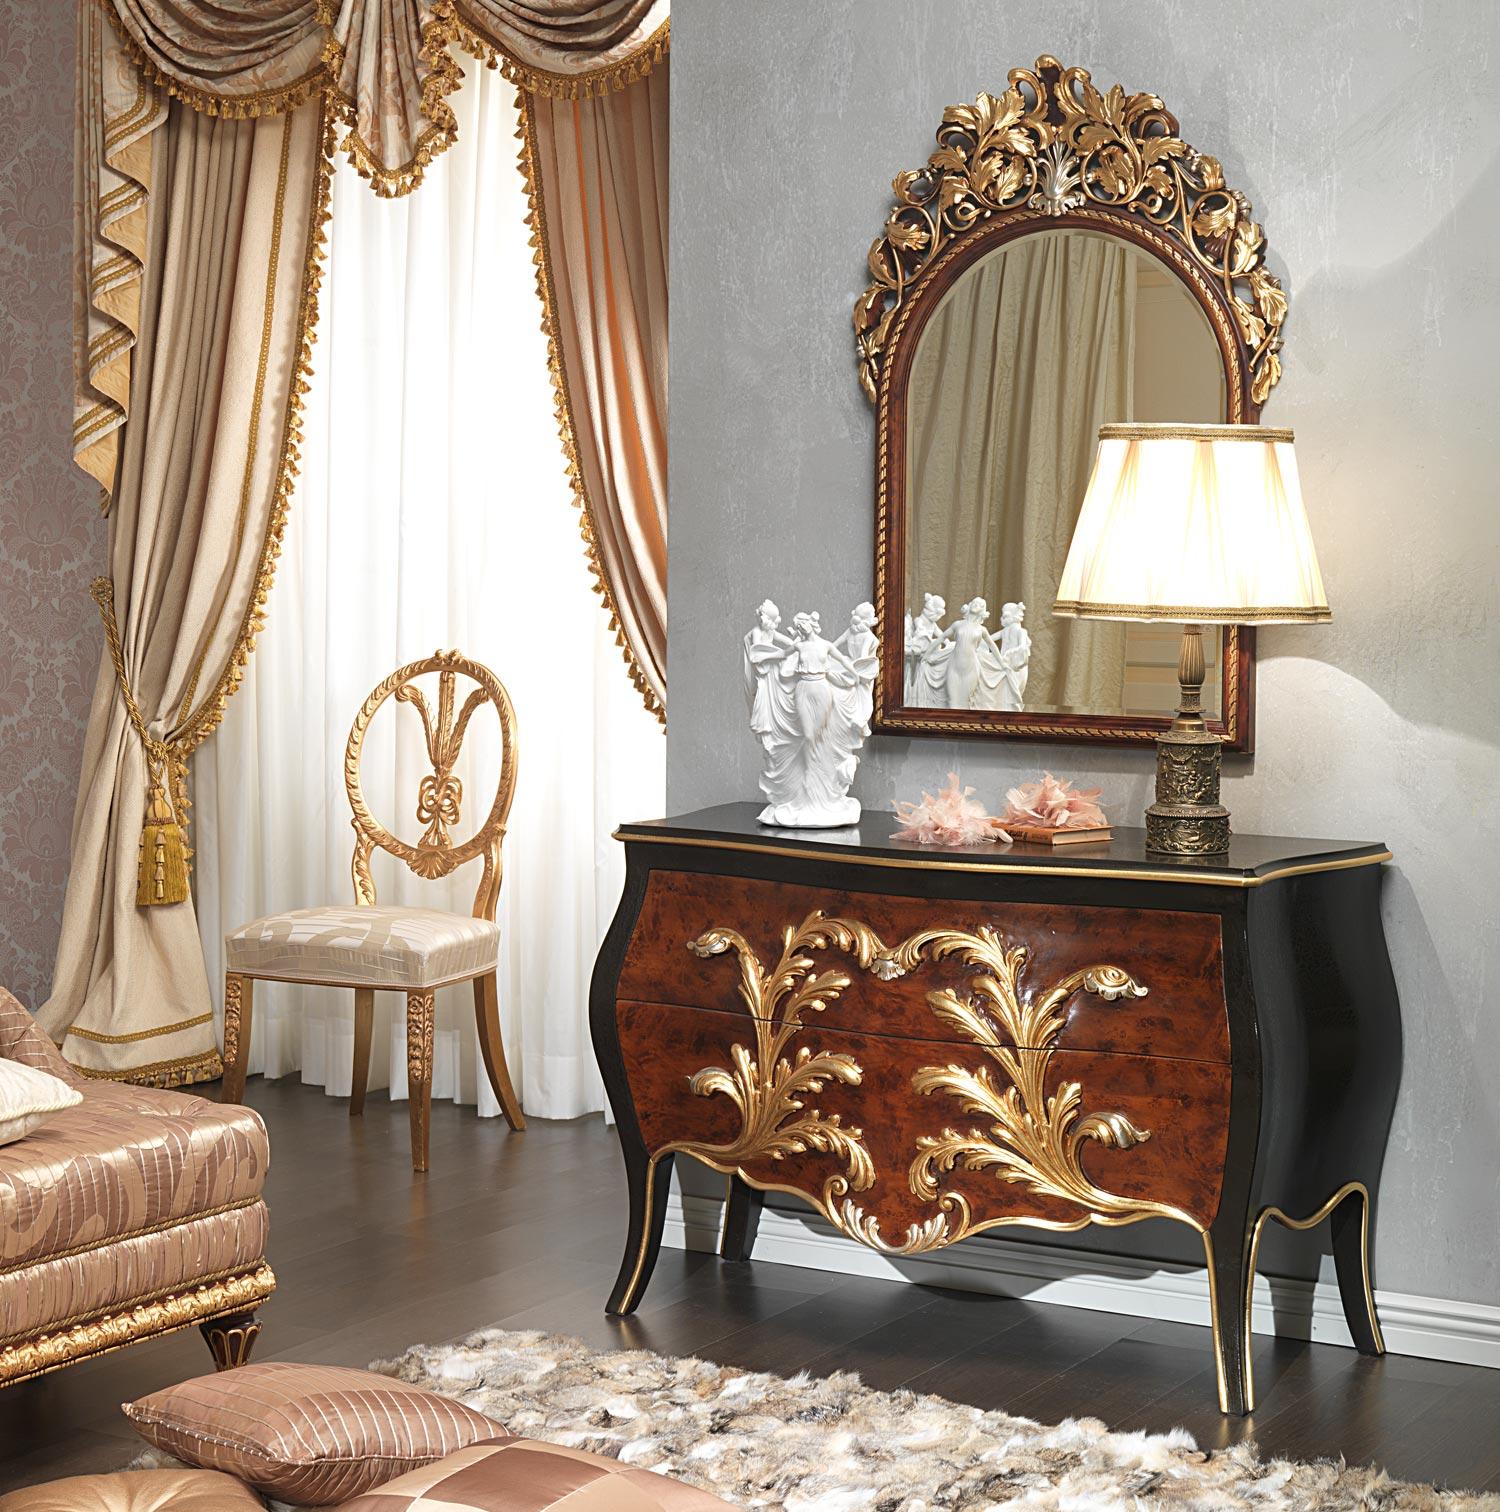 Cuisine Ikea Gris Mat : Chambre à coucher style Louis XV Emperador Black, commode et miroir